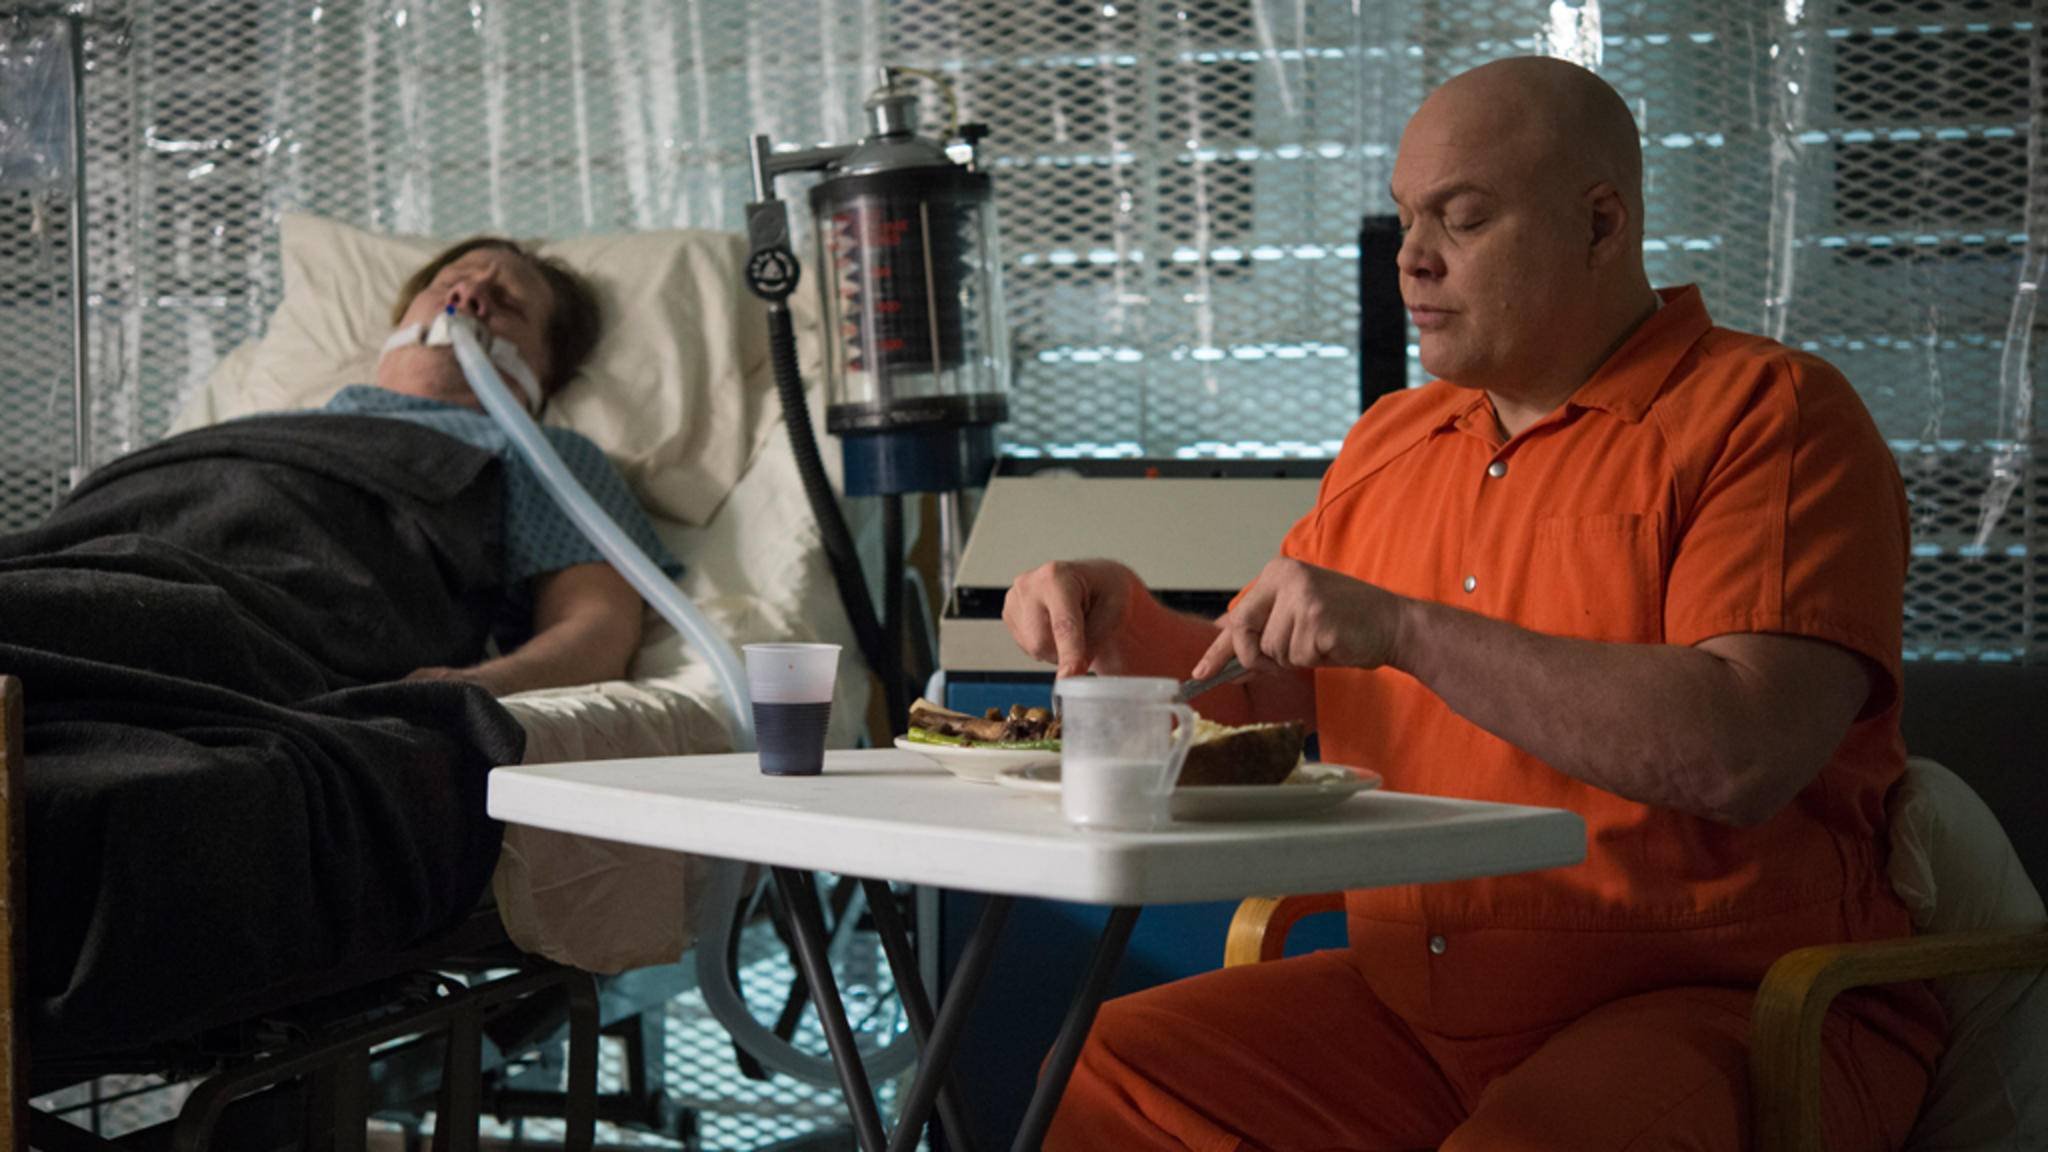 """In Staffel 2 von """"Daredevil"""" gab es lediglich kurze Blicke auf Fisk alias Kingpin als Häftling."""